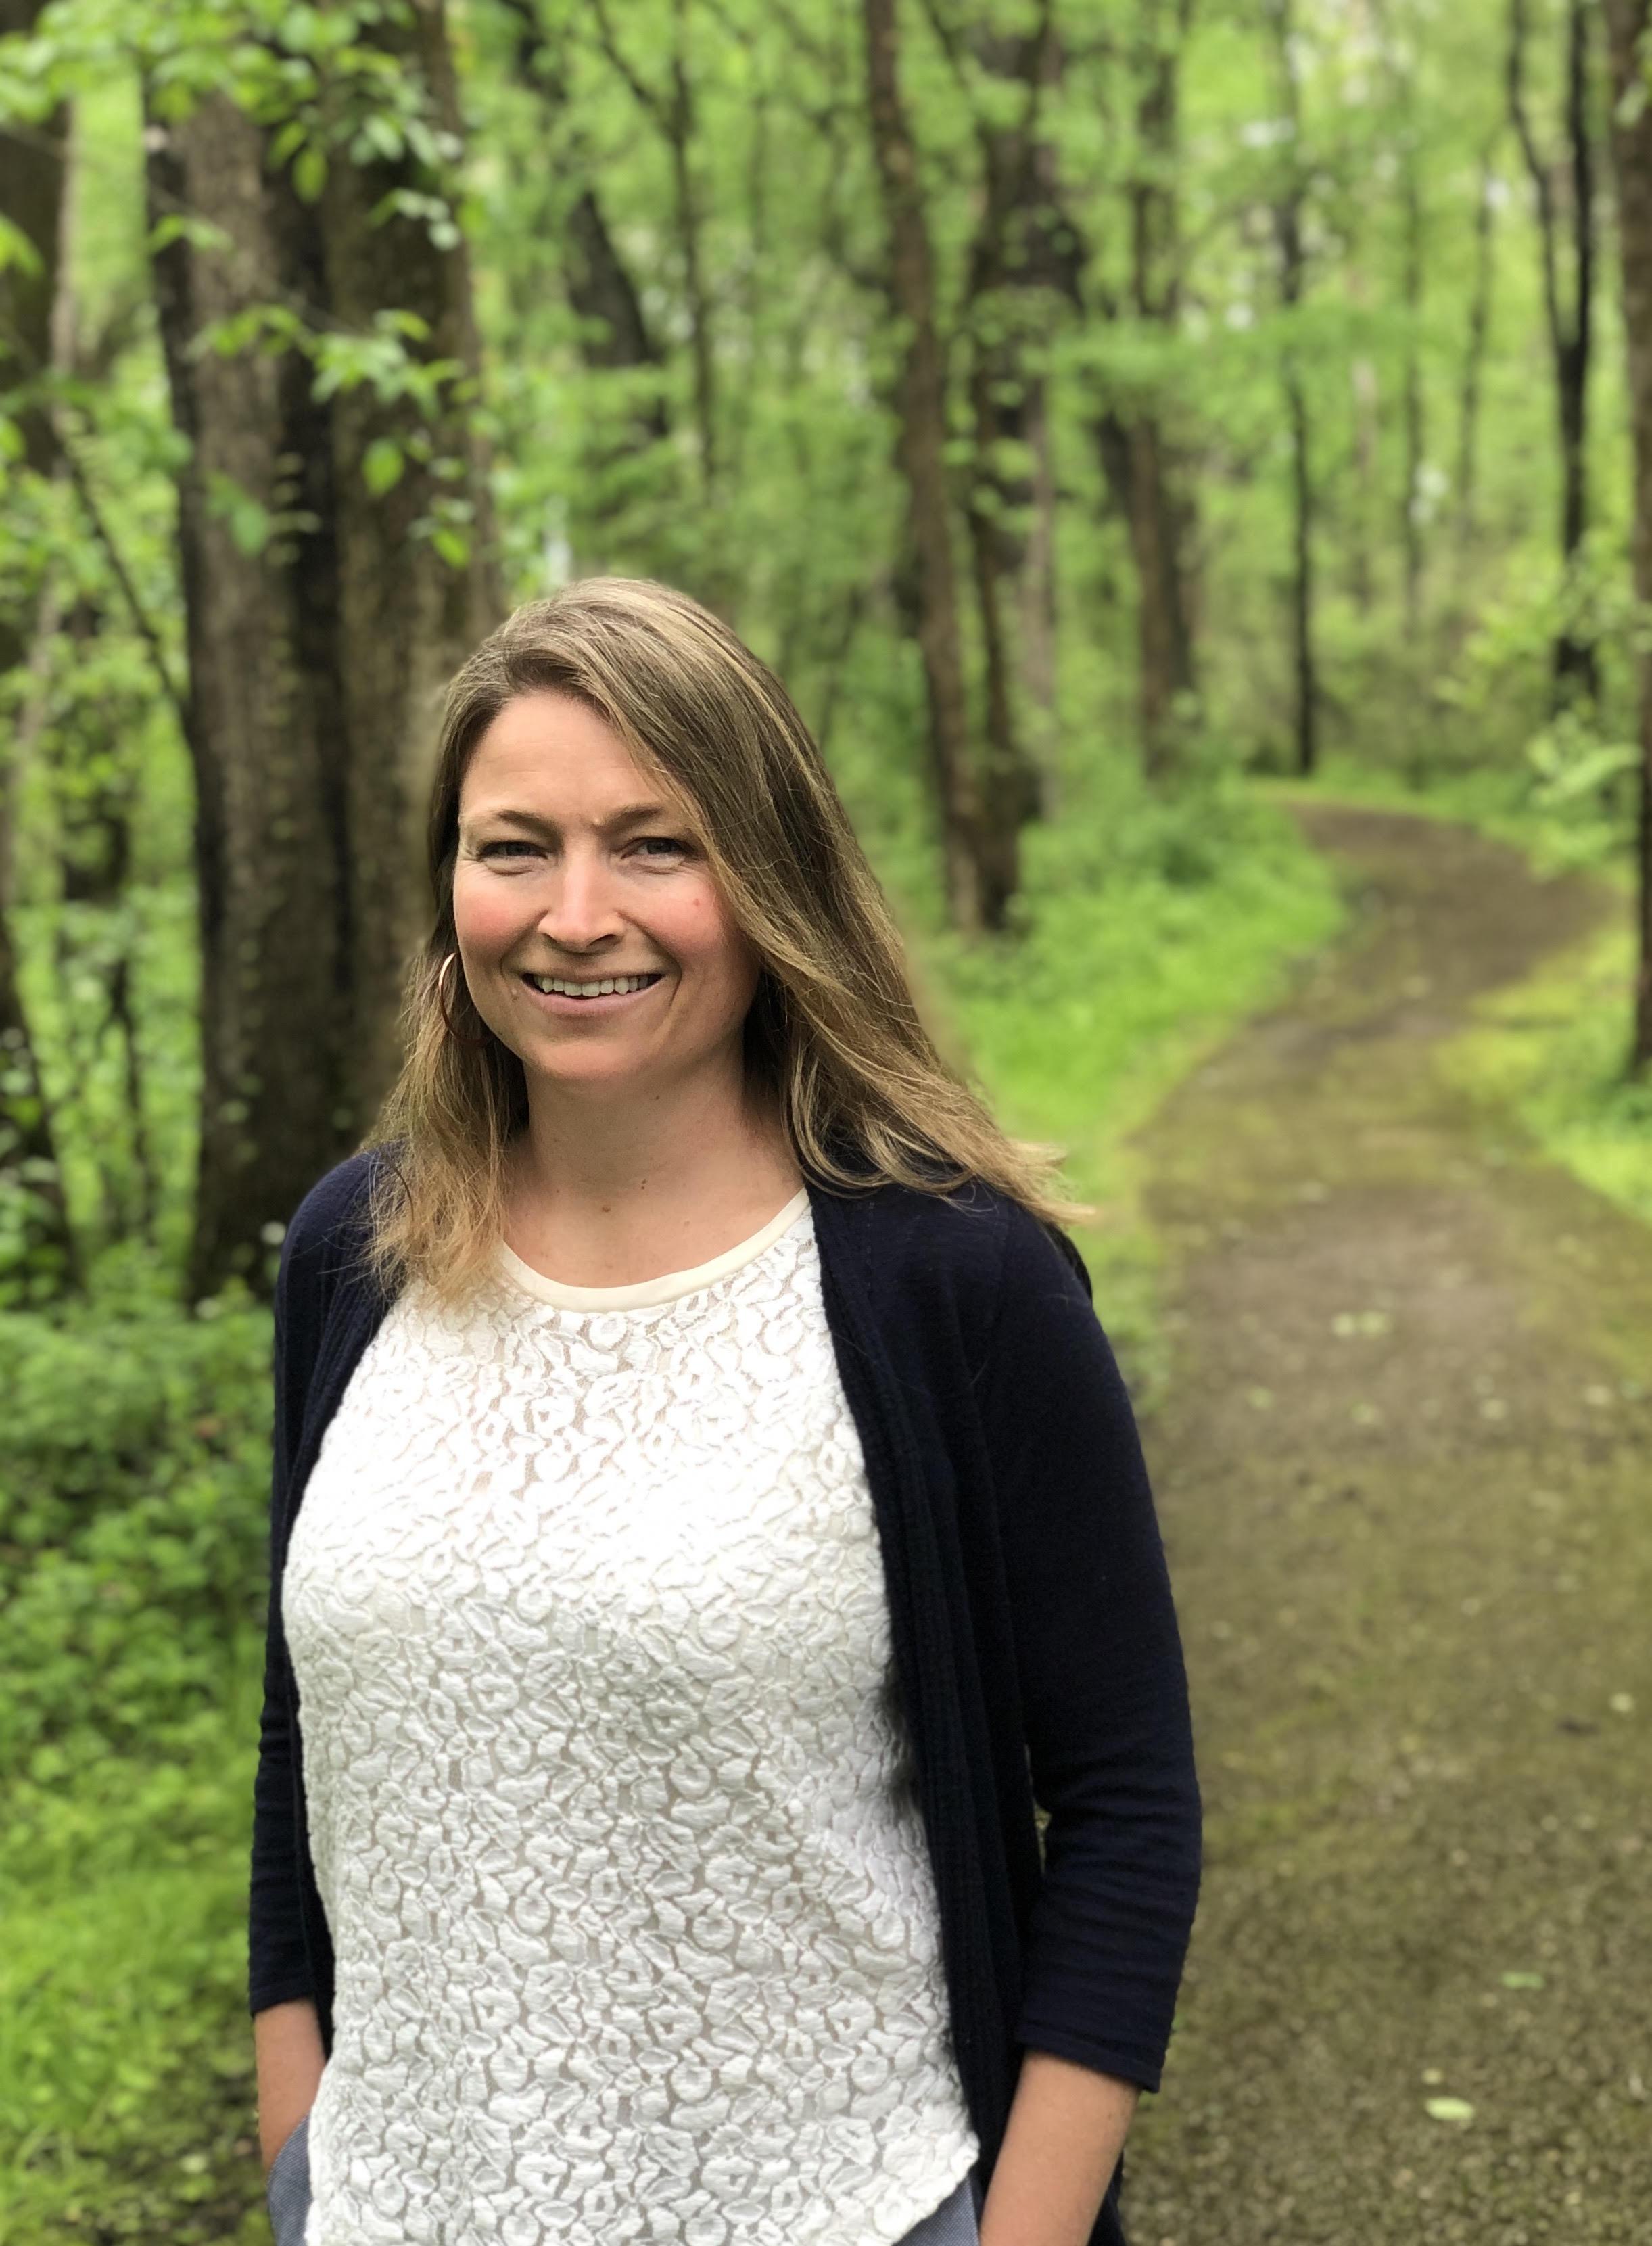 Ann Wasser, Director of Severson Dells Nature Center. Photo by Jessie Crow Mermel